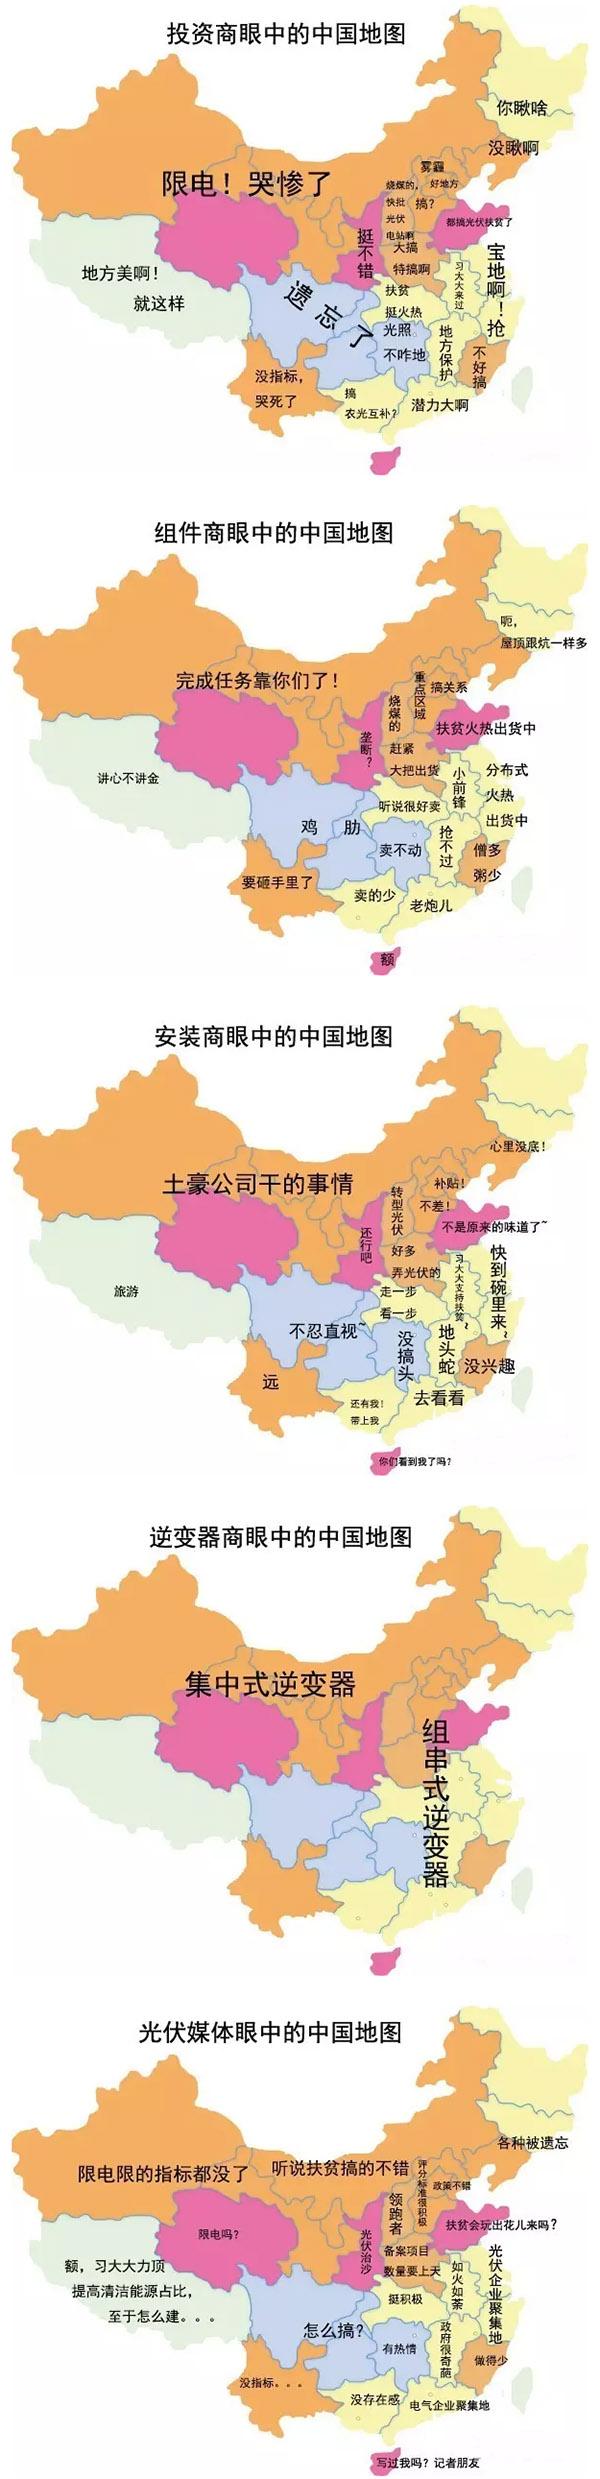 光伏圈人眼里的中国地图!